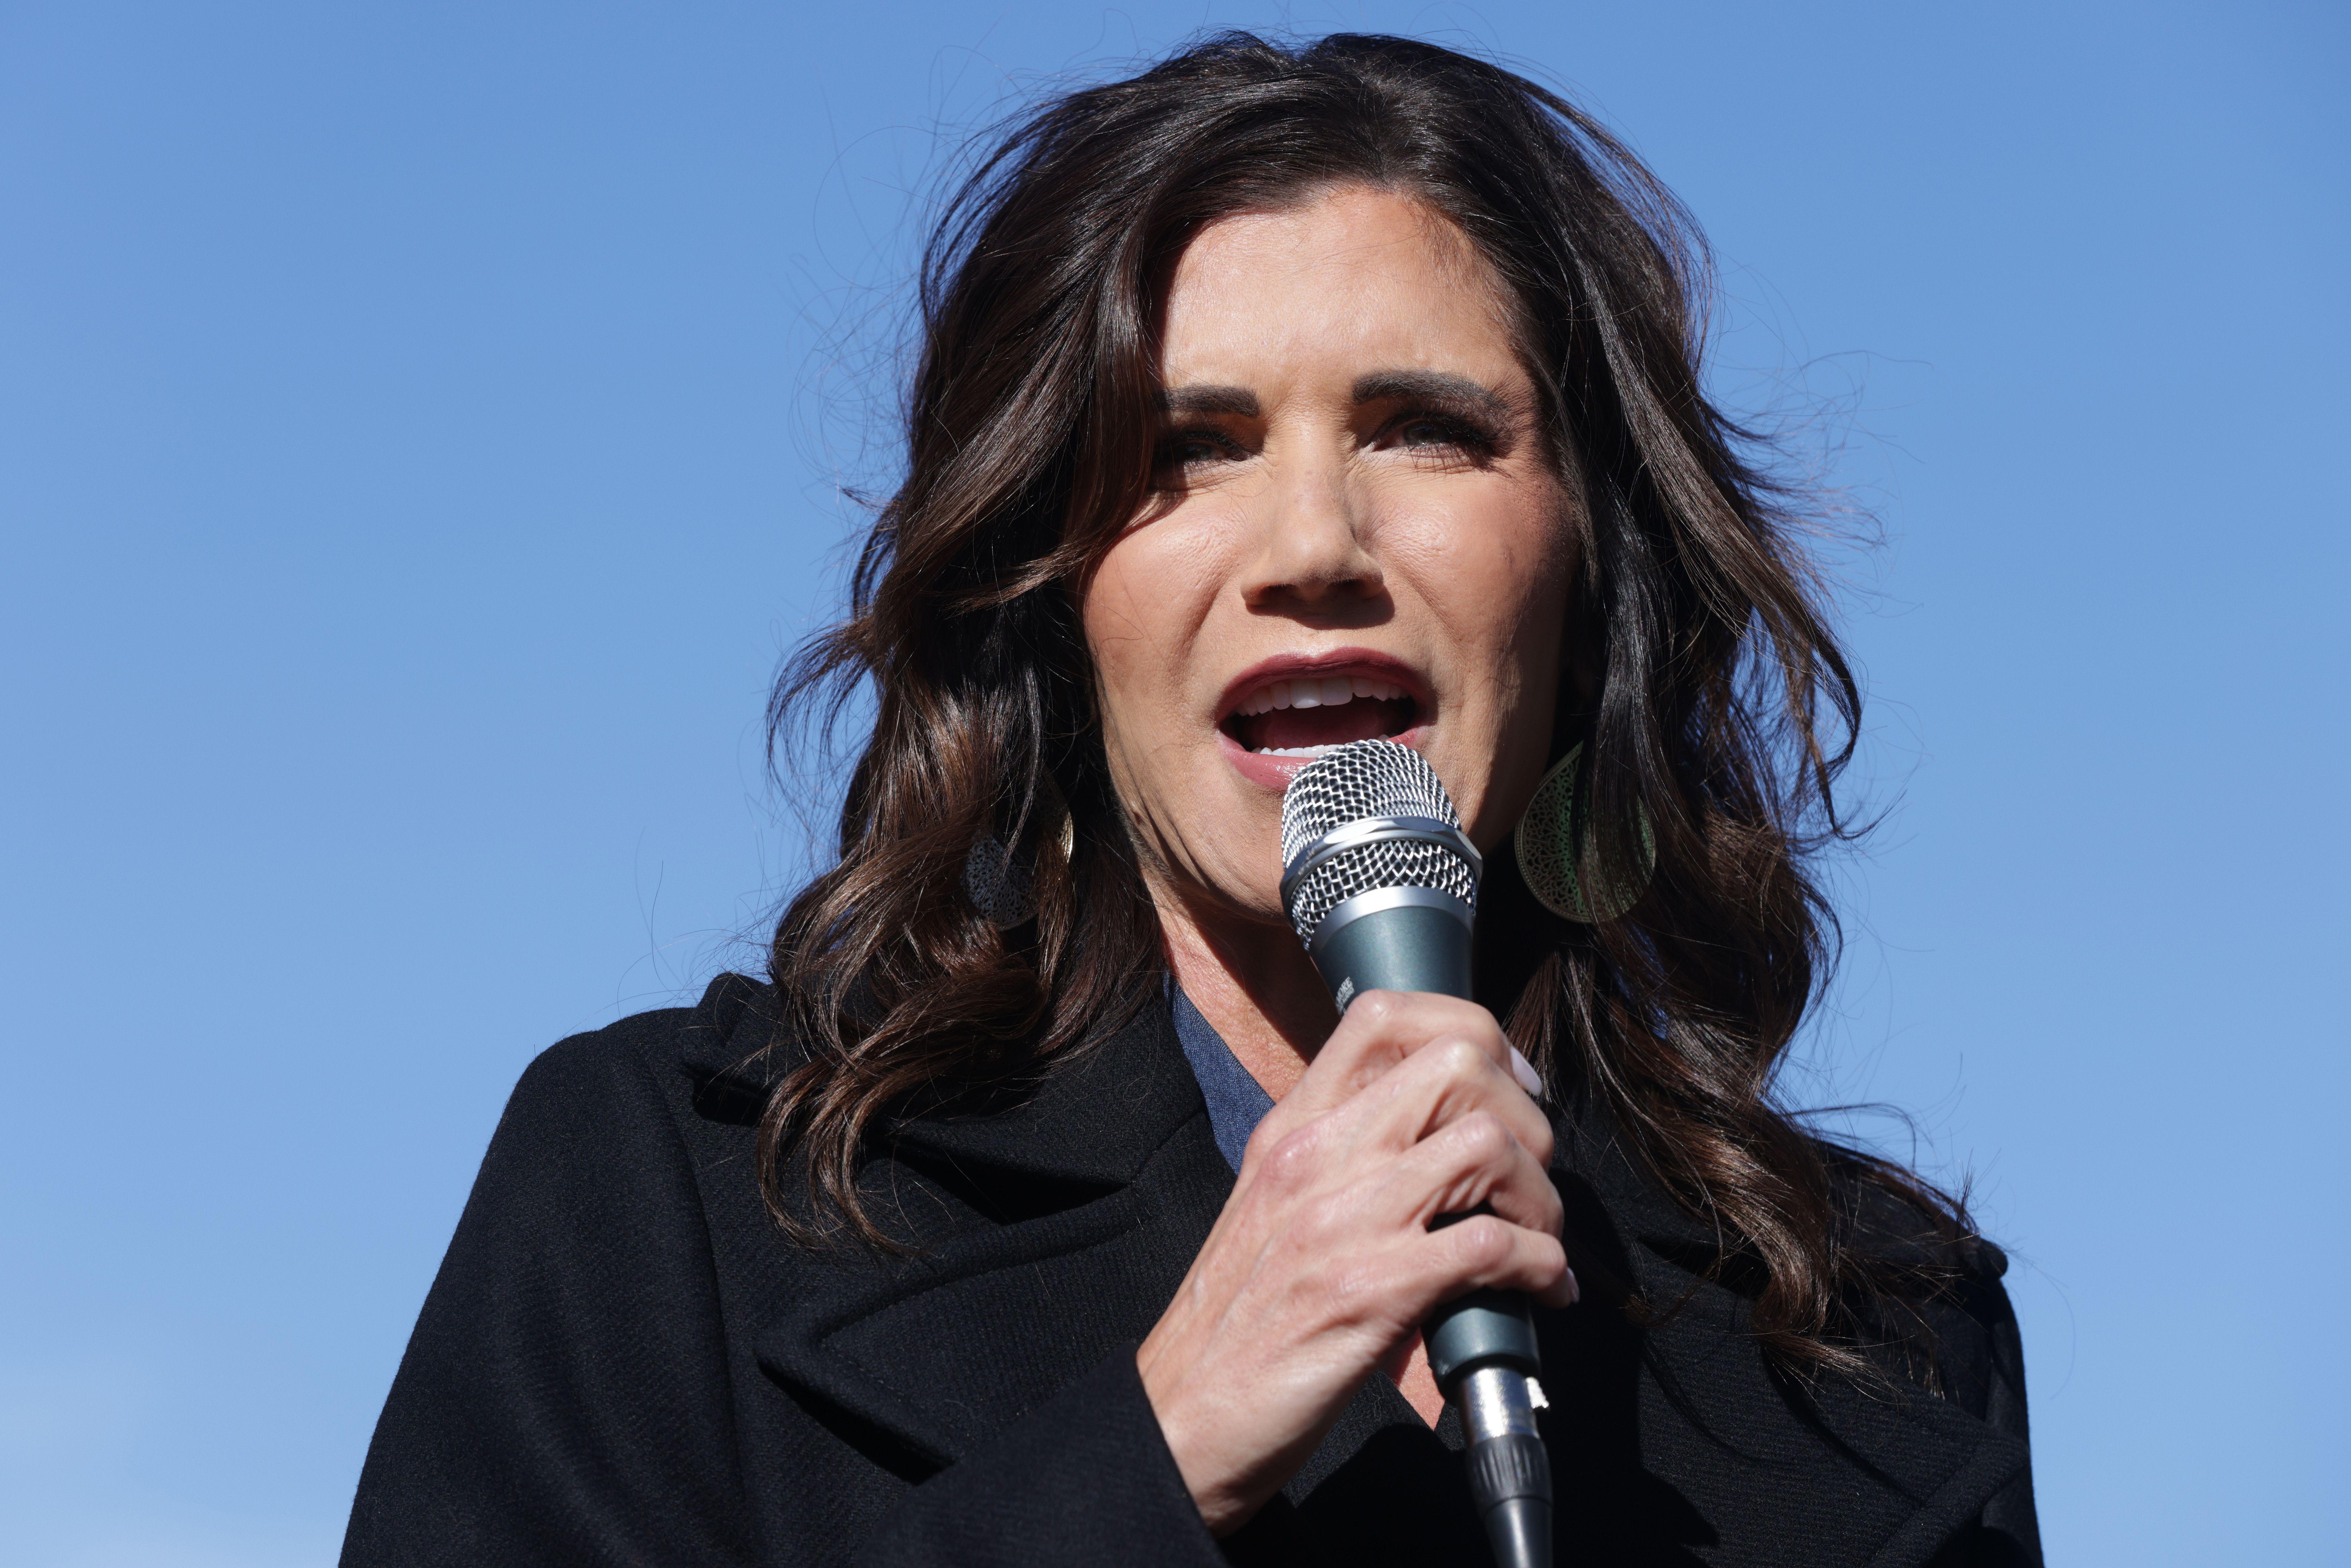 South Dakota Gov. Kristi Noem campaigns for then-Sen. Kelly Loeffler (R-Ga.) outside the Gritz Family Restaurant on Jan. 3, 2